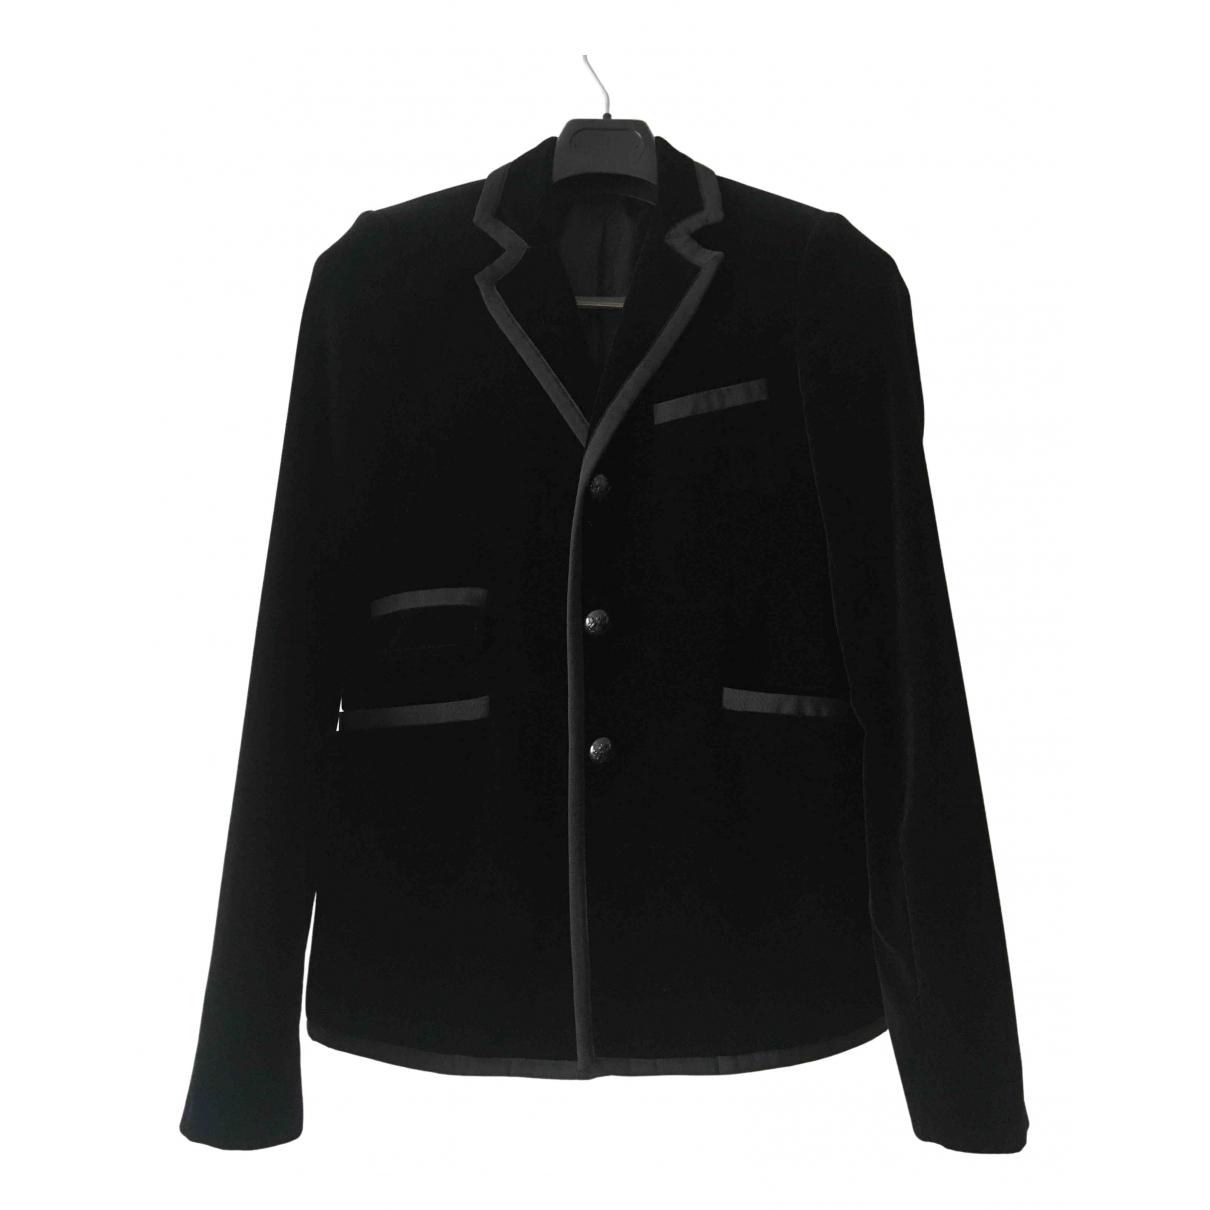 Balenciaga - Vestes.Blousons   pour homme en velours - noir